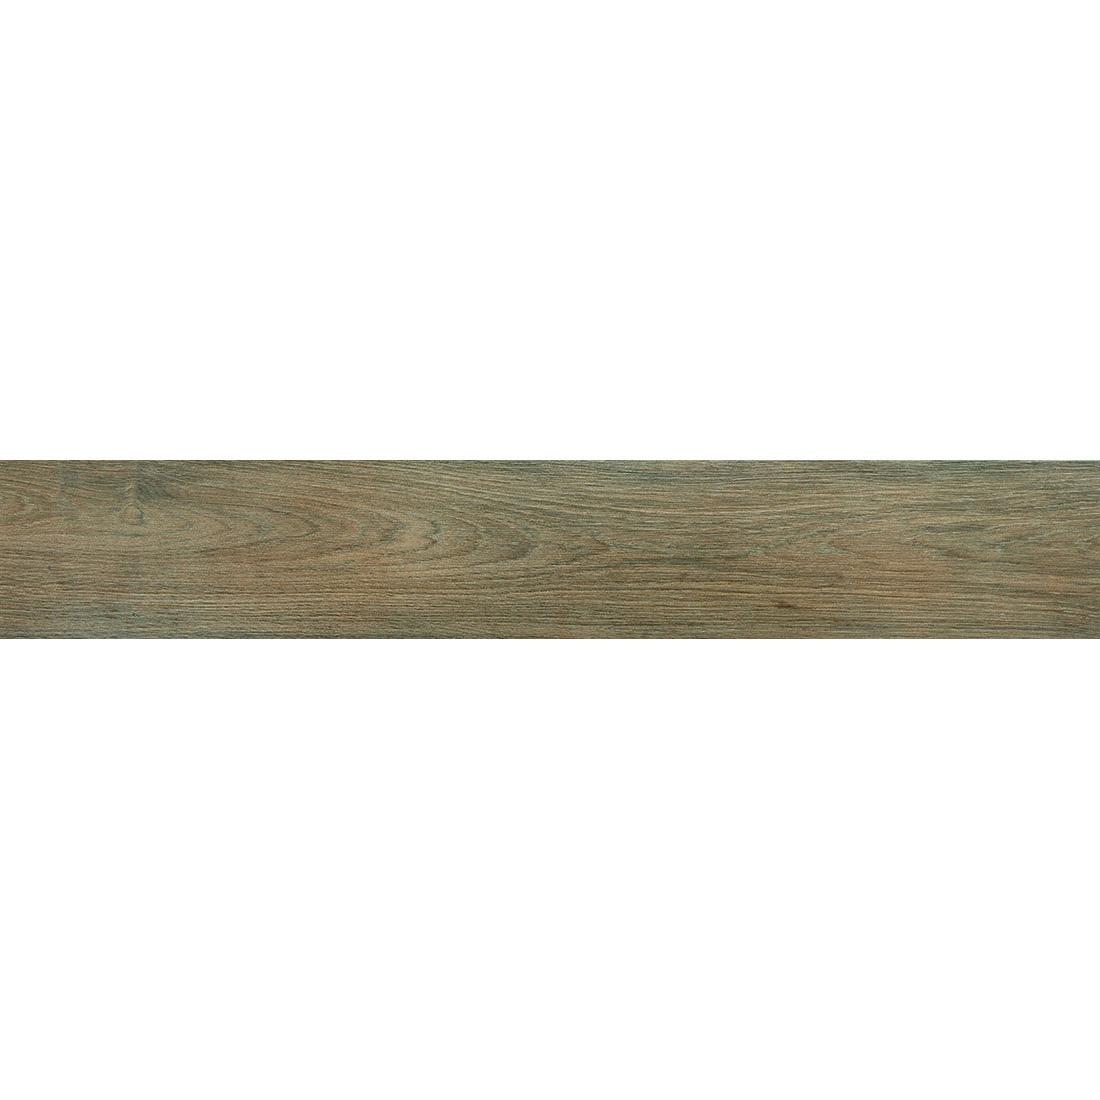 Hardwood 20x120 Cerezo 1